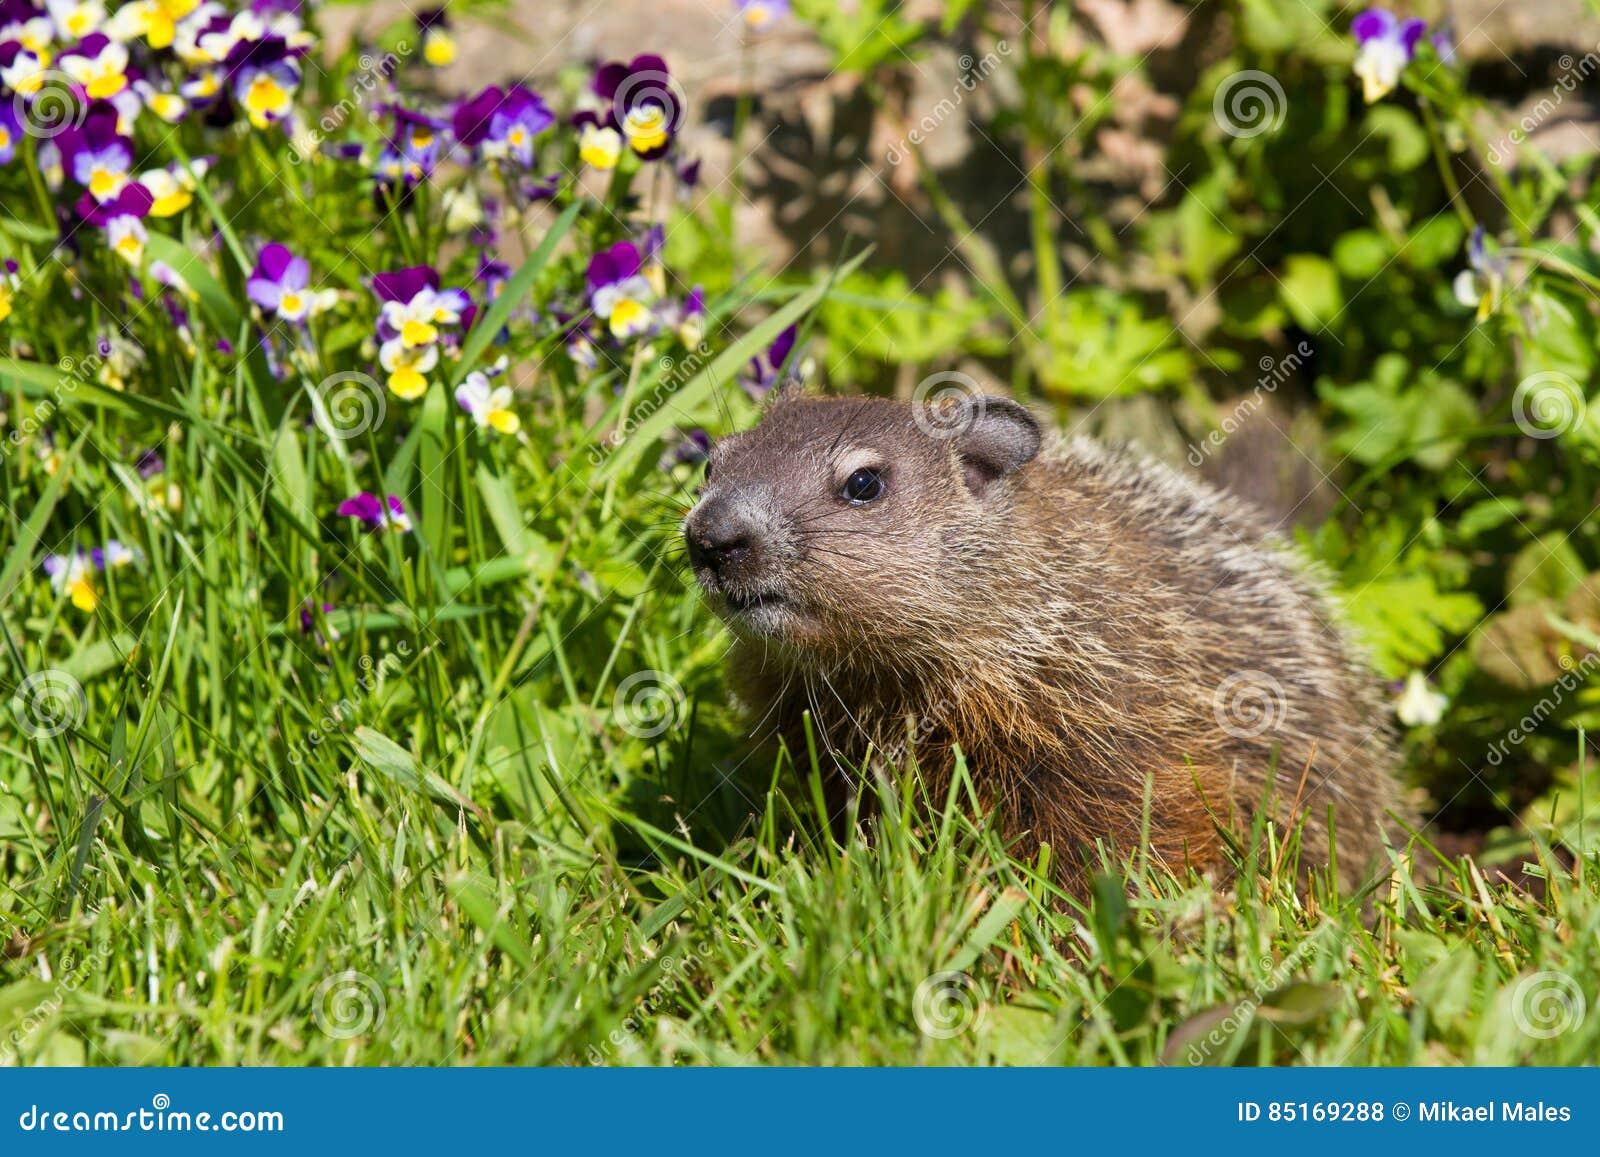 Gderliwy groundhog